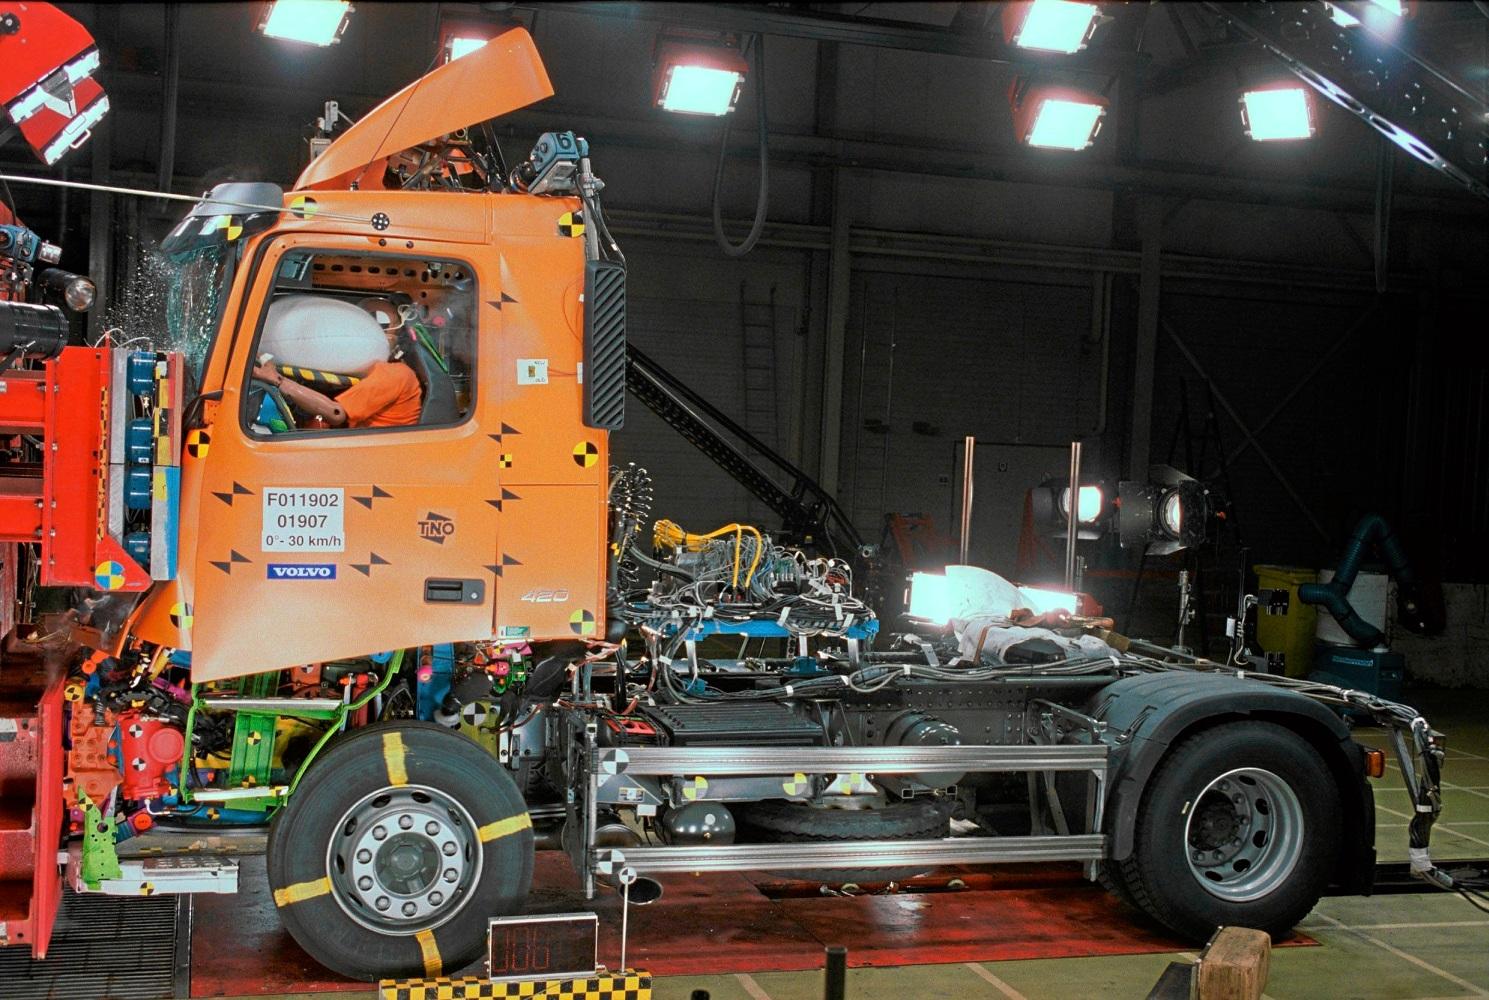 airbags beim lkw autoscout24 trucksblog deutschland. Black Bedroom Furniture Sets. Home Design Ideas